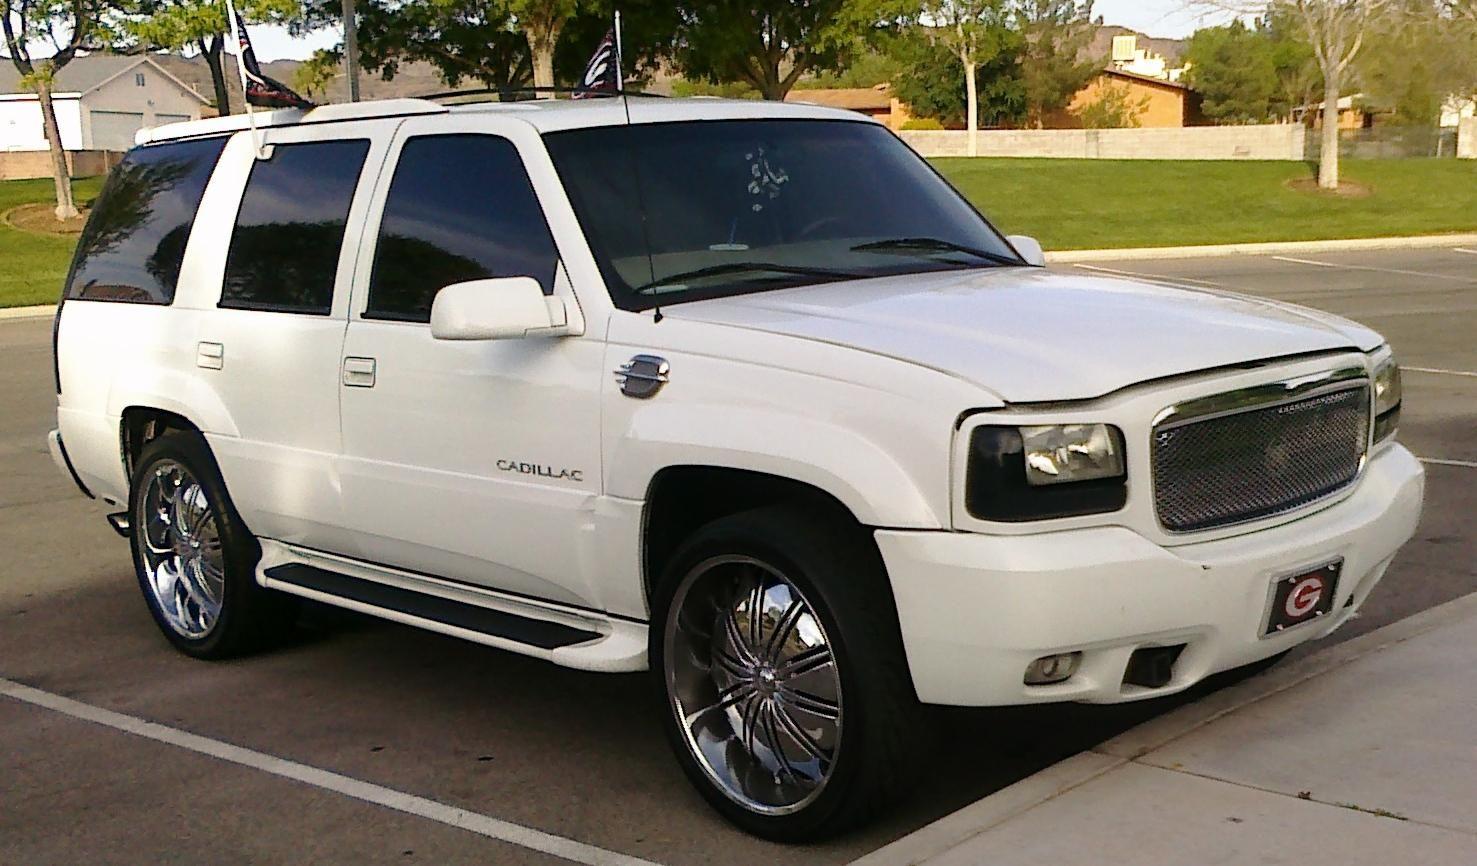 2000 Cadillac Escalade | CarsTrucks | Pinterest | Cadillac escalade